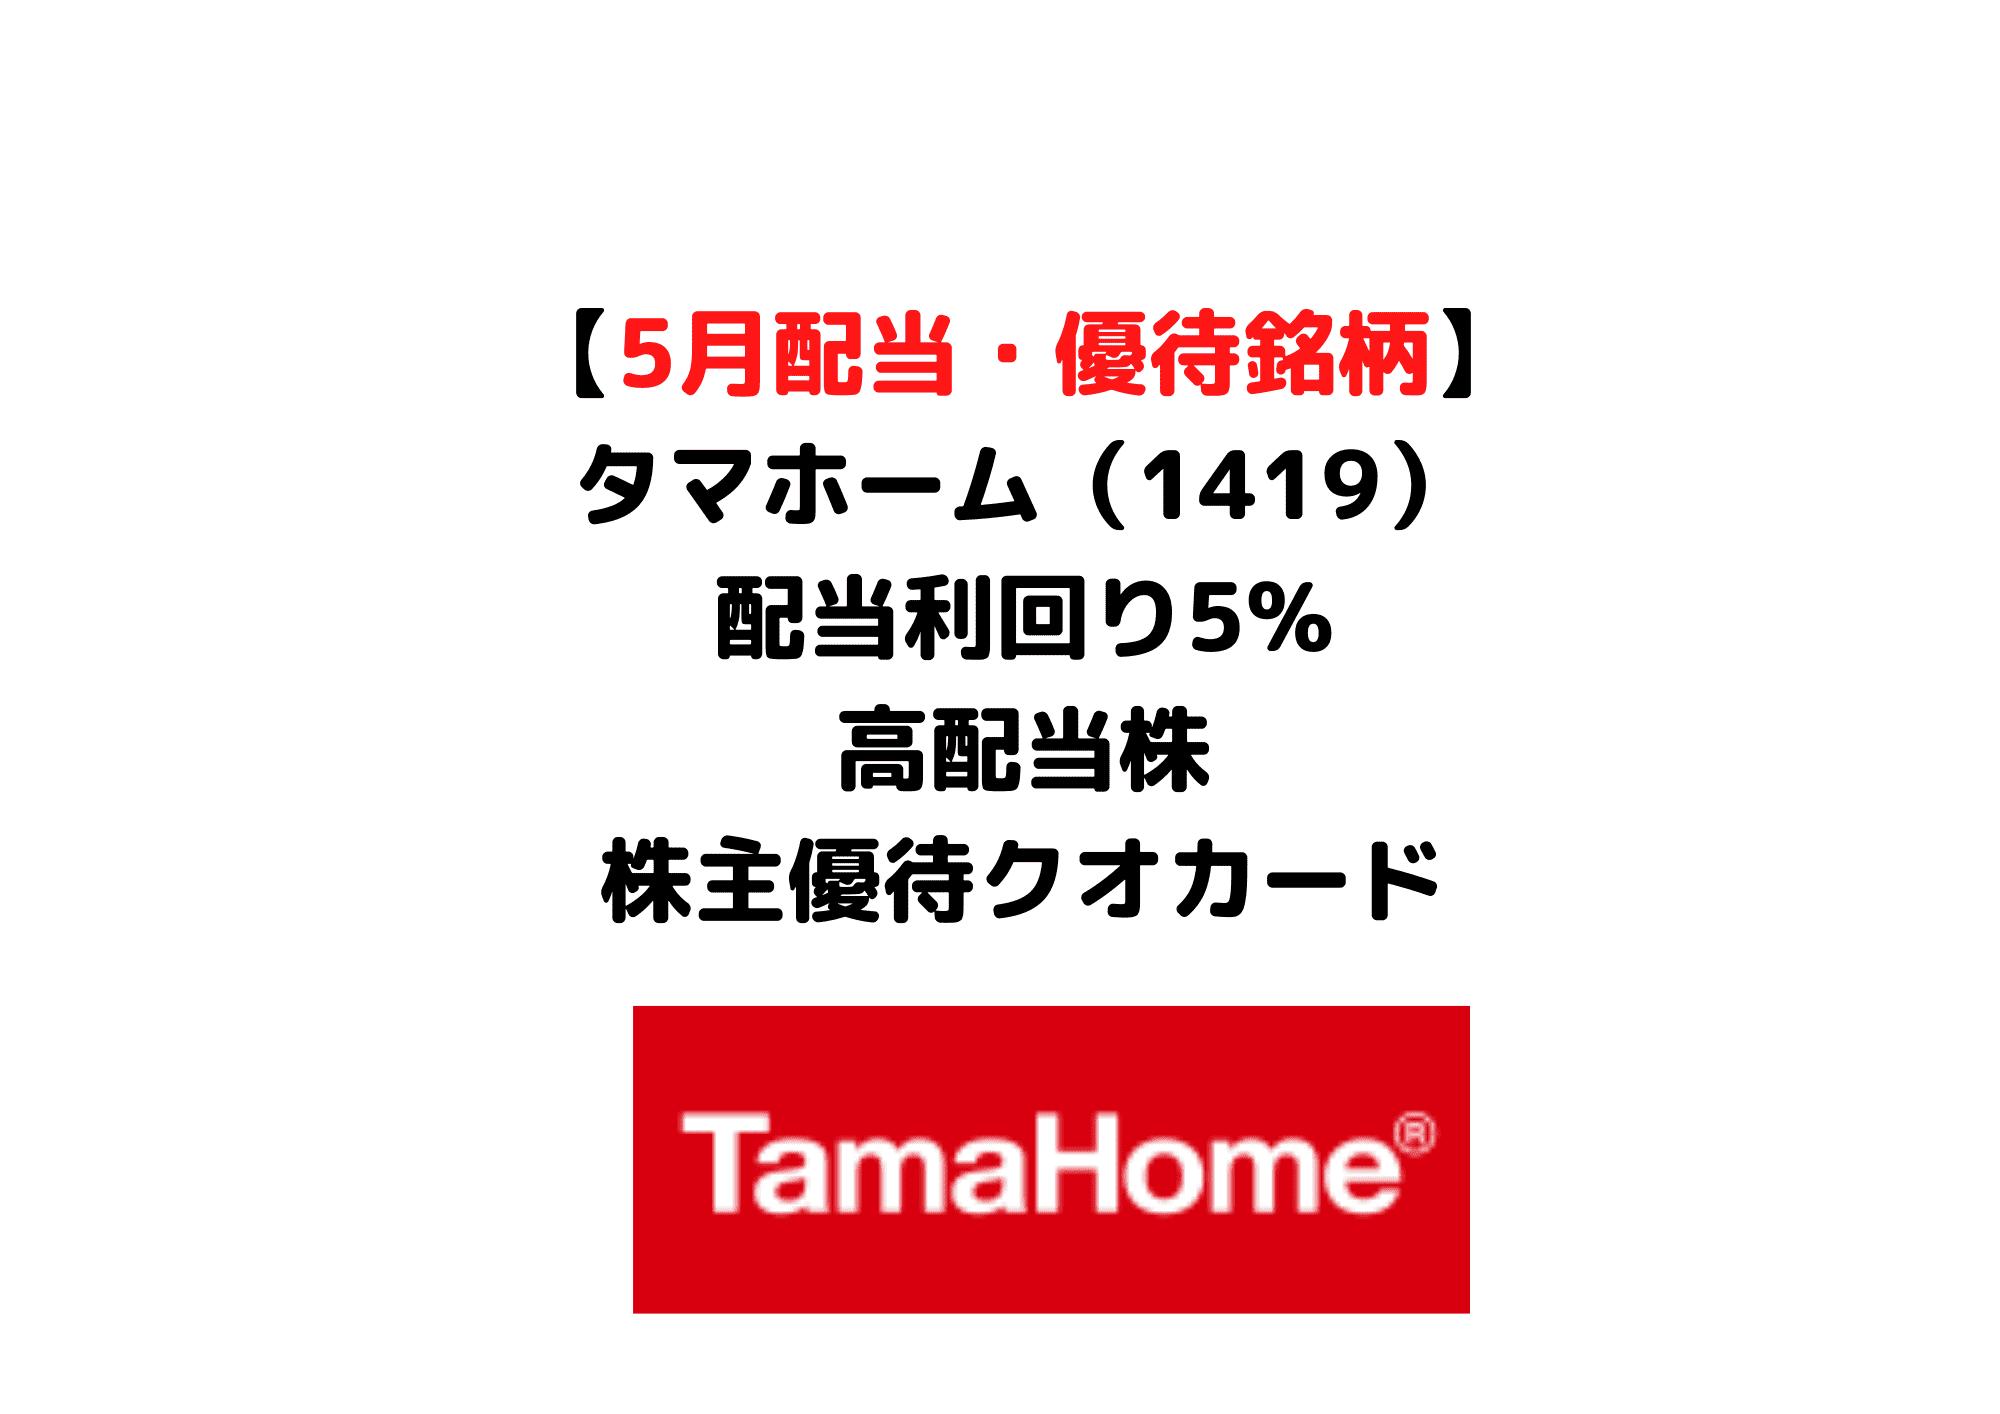 1419 タマホーム (1)